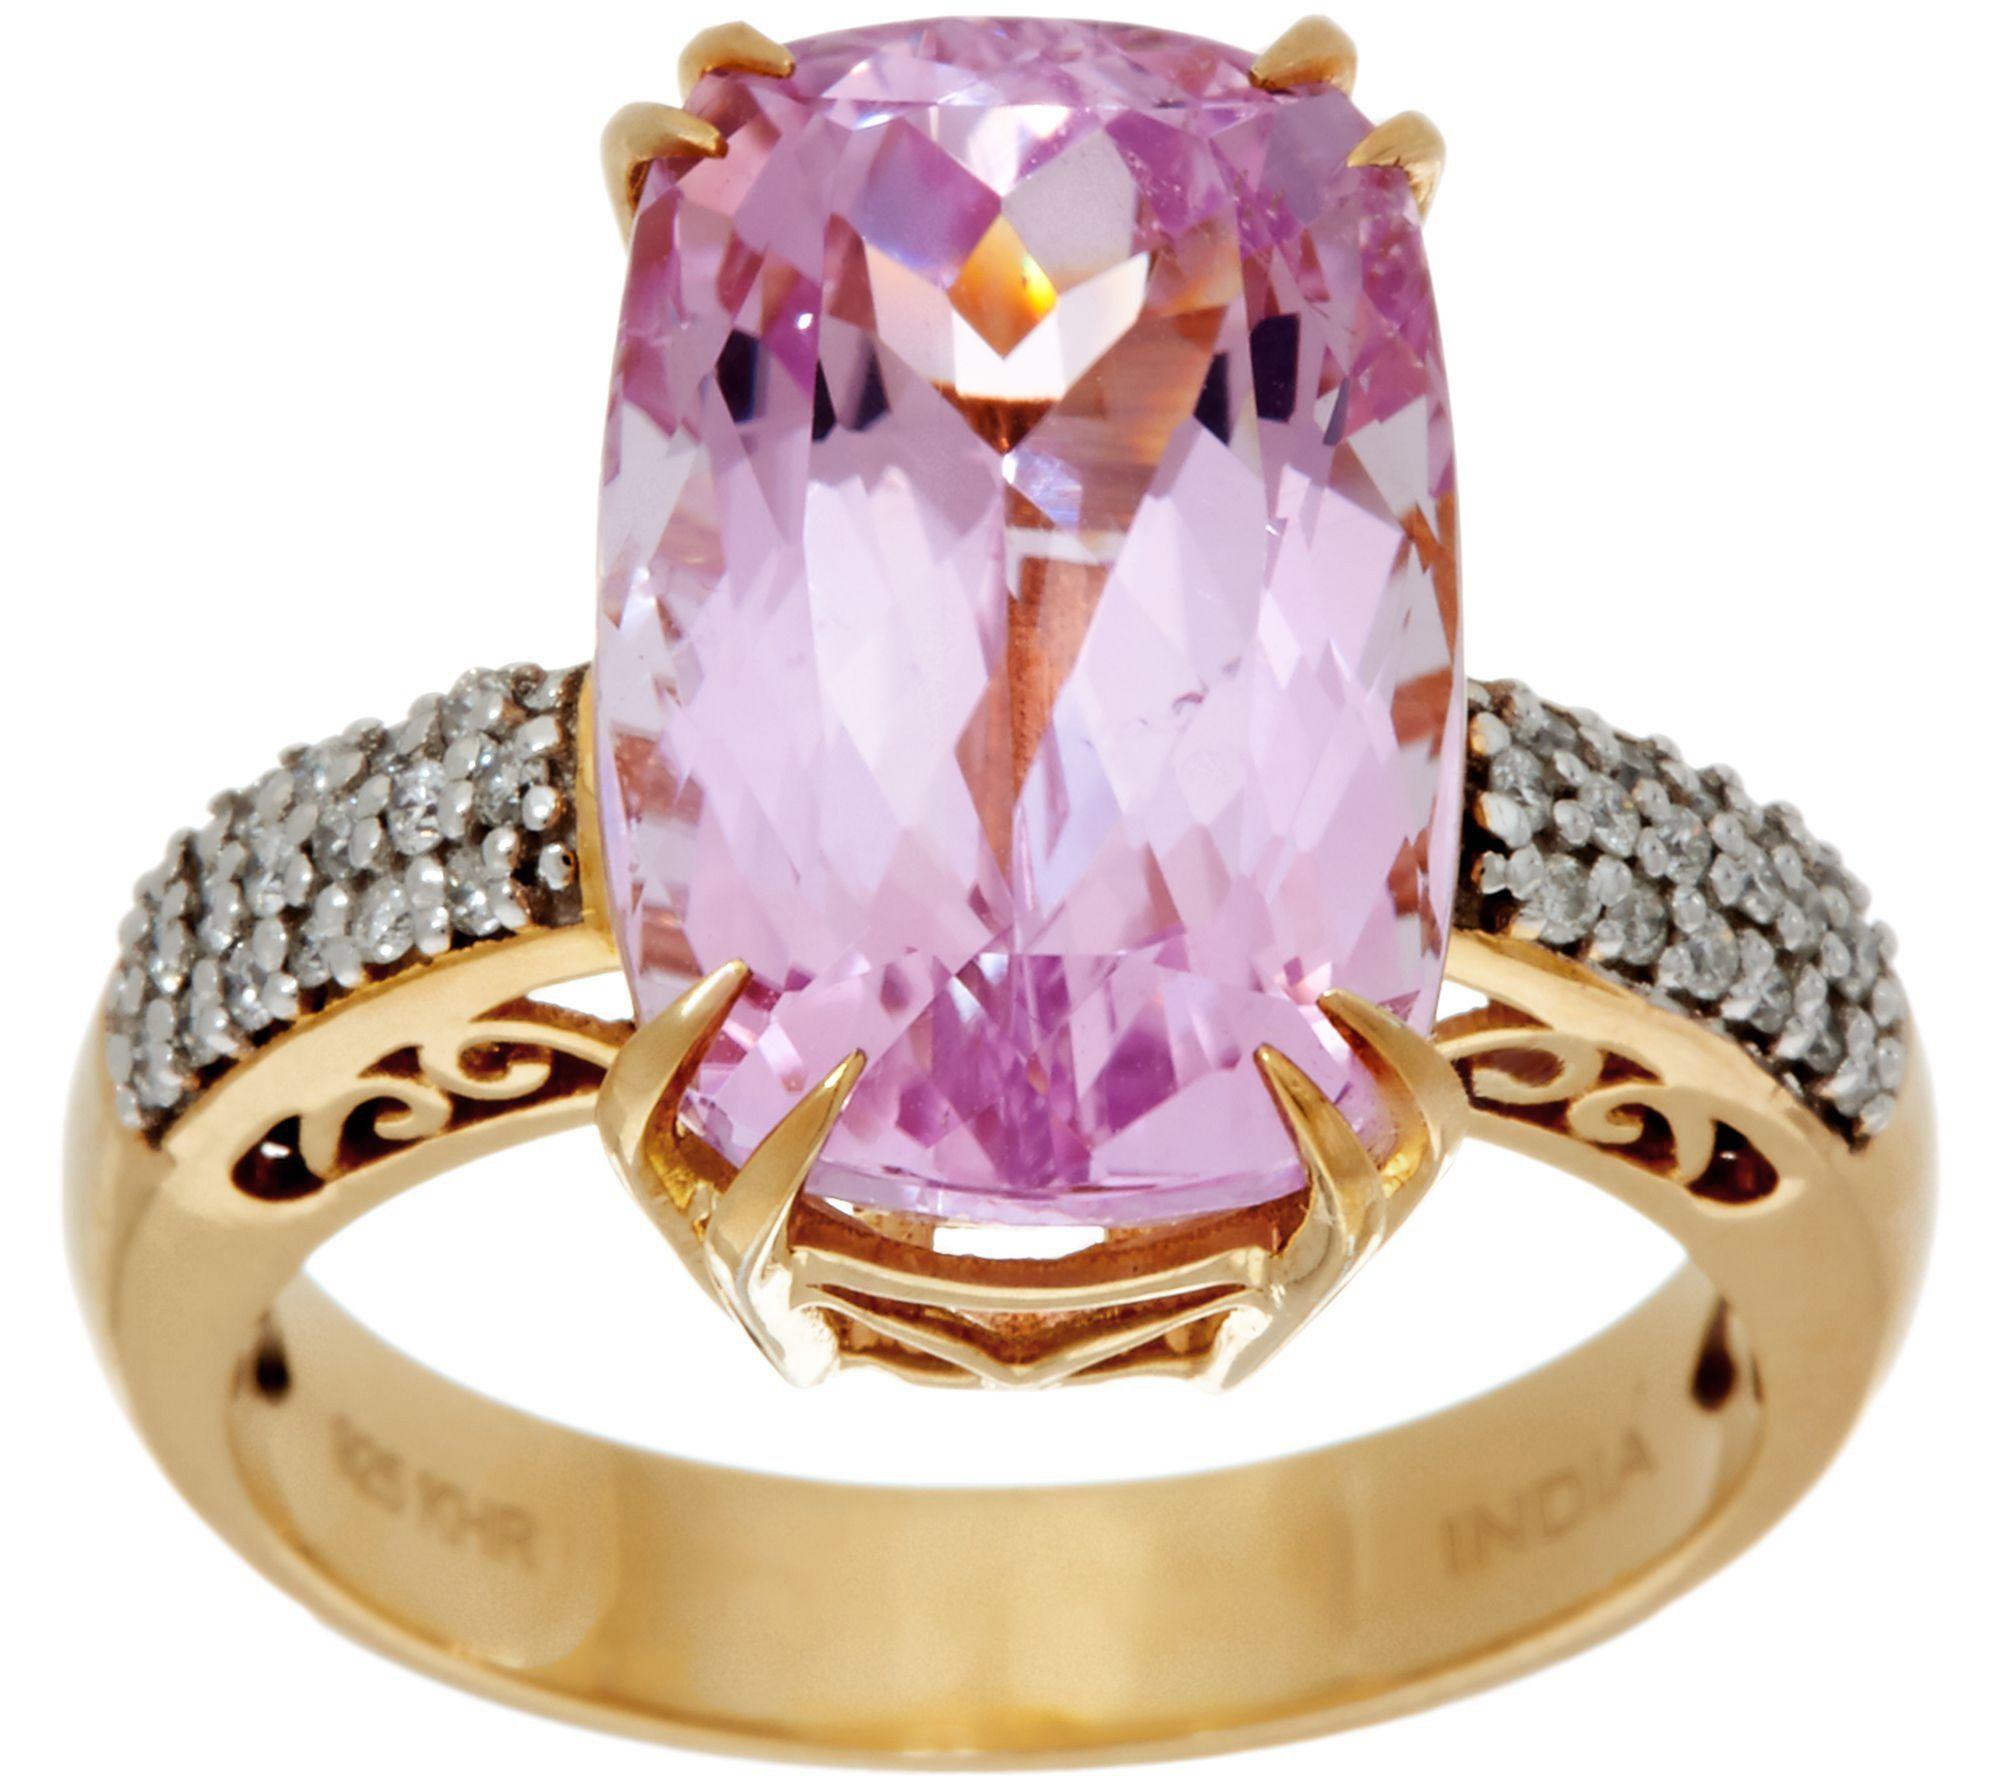 Elongated Cushion Kunzite & Diamond Ring 14K Gold 8.00 ct - Page 1 ...